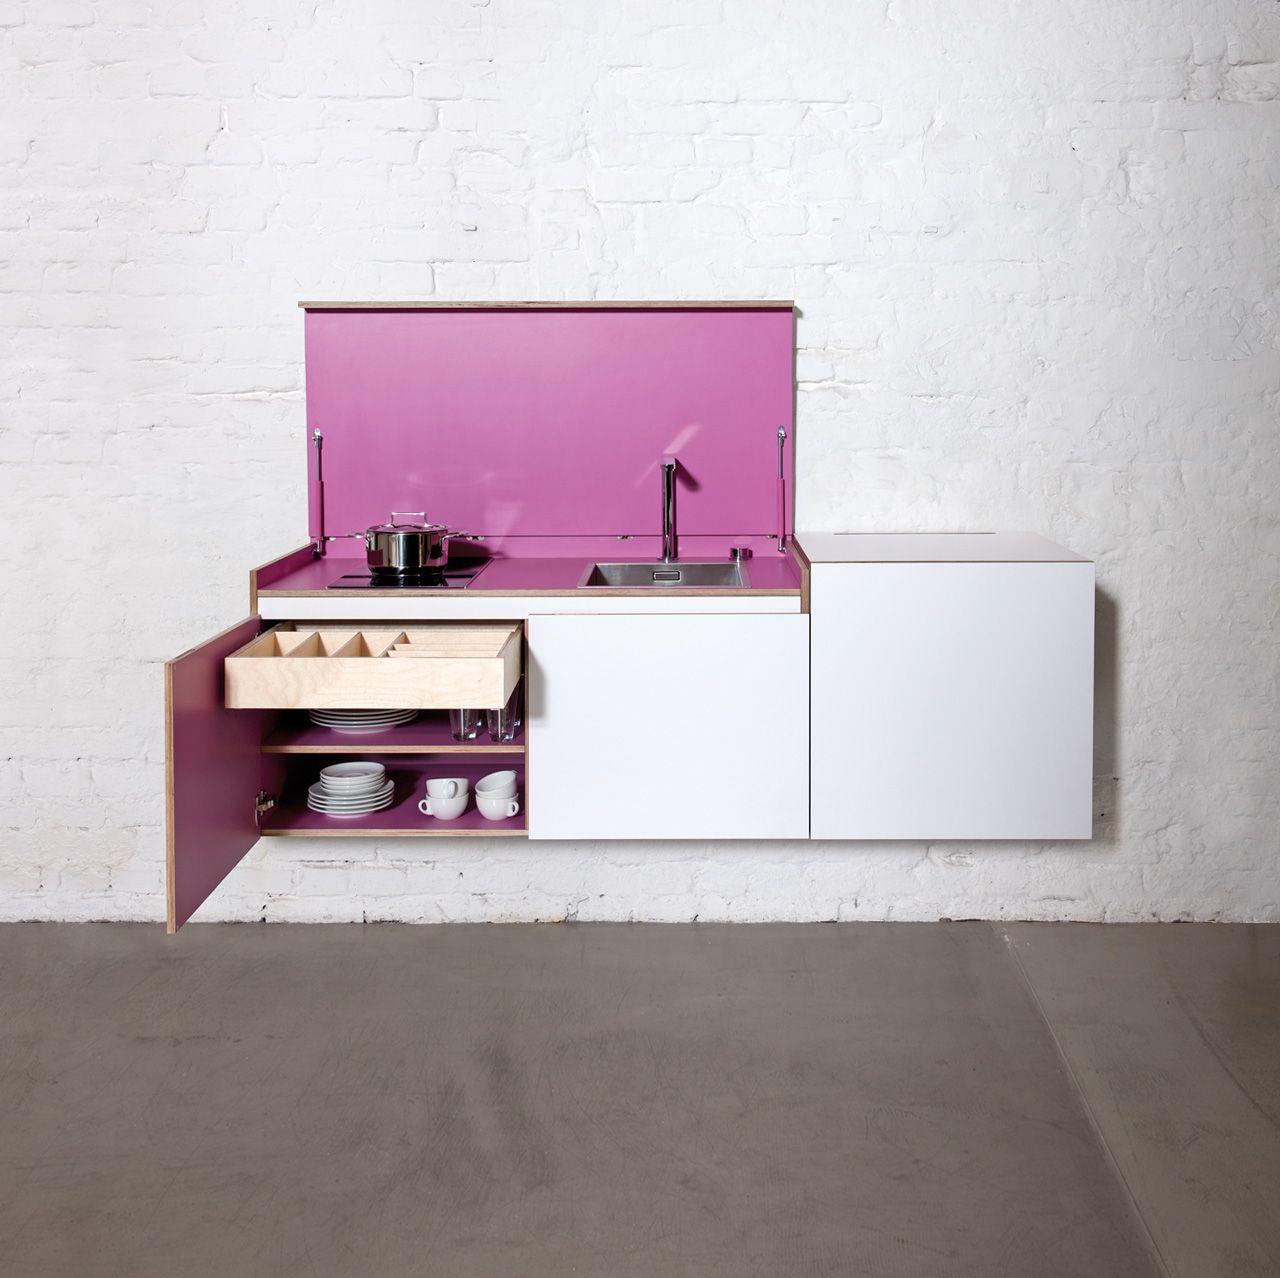 Miniki Galerie, So Sieht Die Miniki Aus U2013 Miniki, Die Kleine Mini Küche